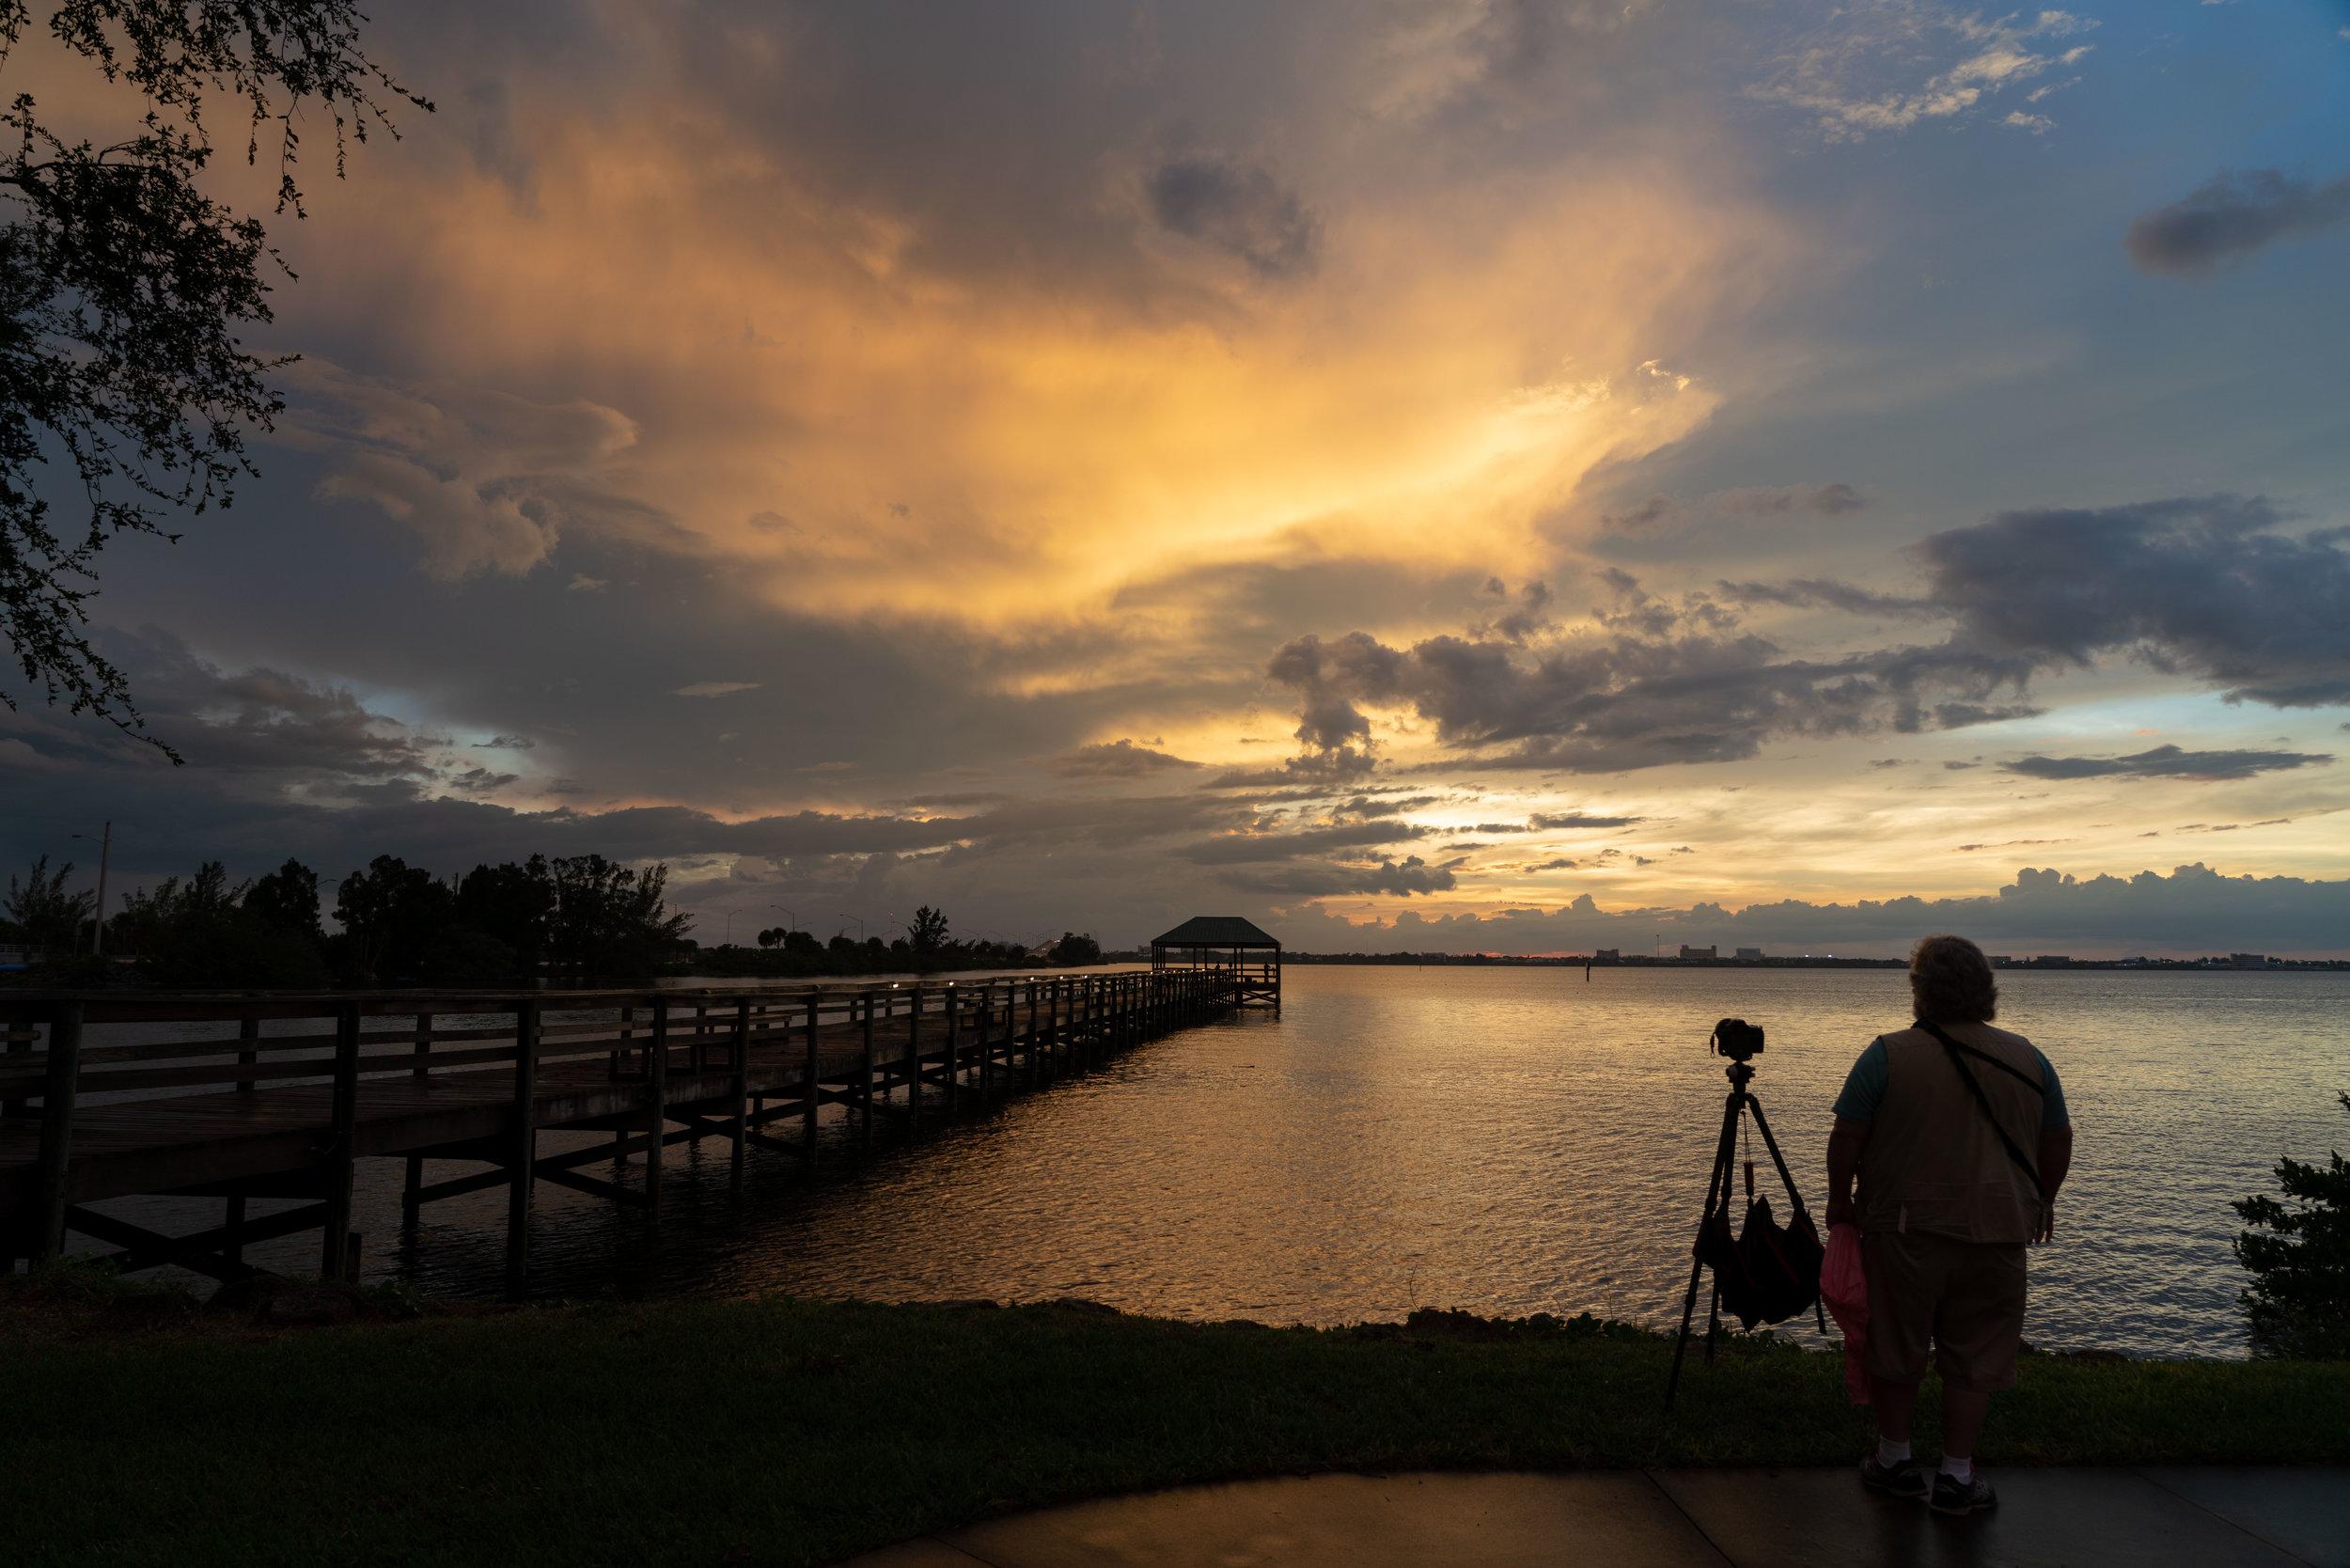 Indialantic sunset